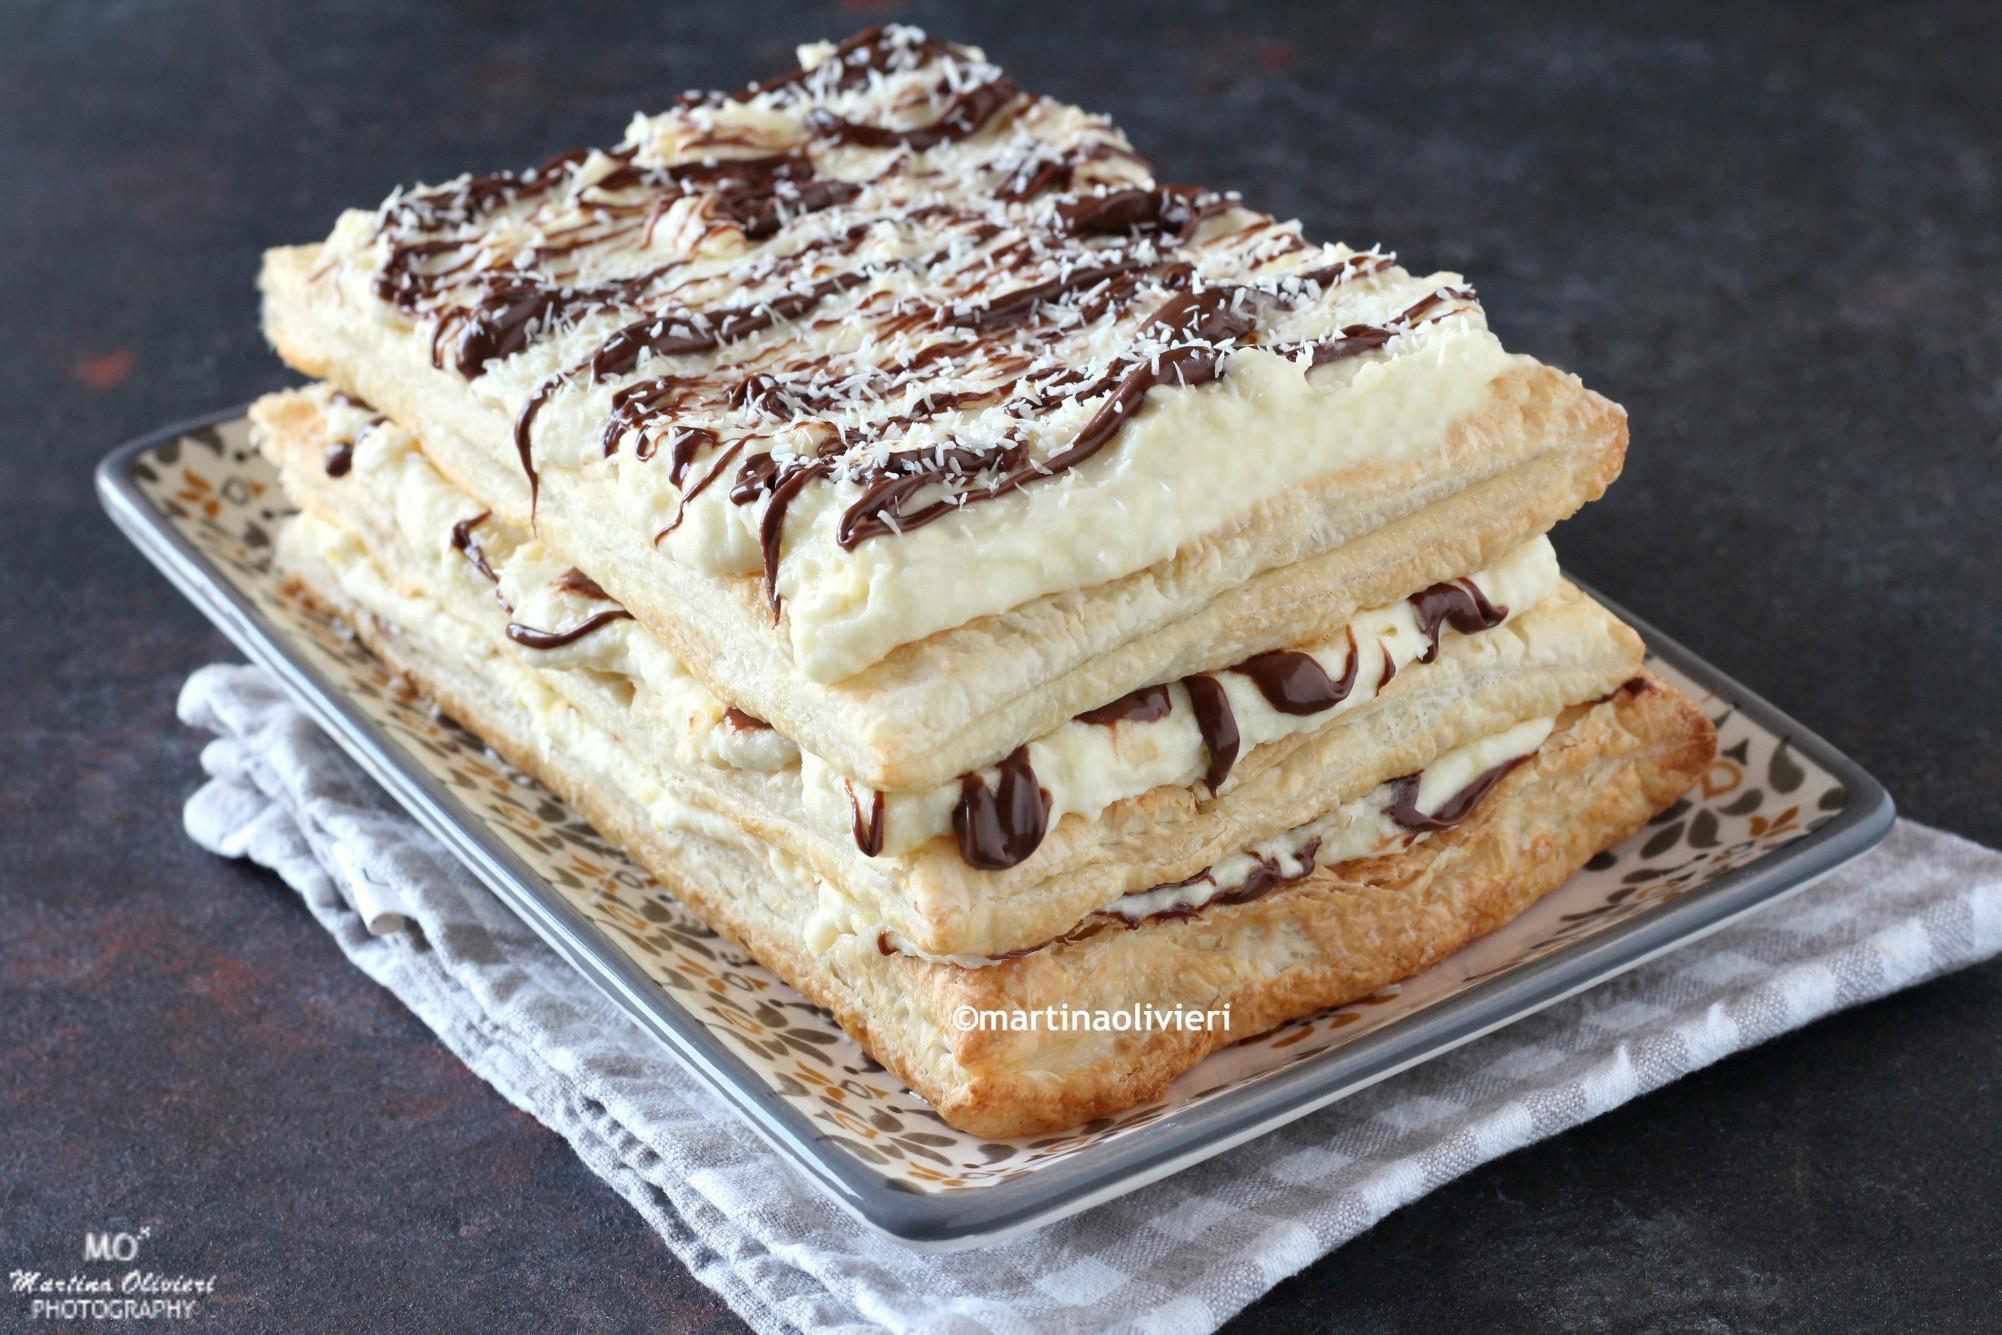 Millefoglie con crema al cocco e cioccolato - Senza glutine e senza lattosio